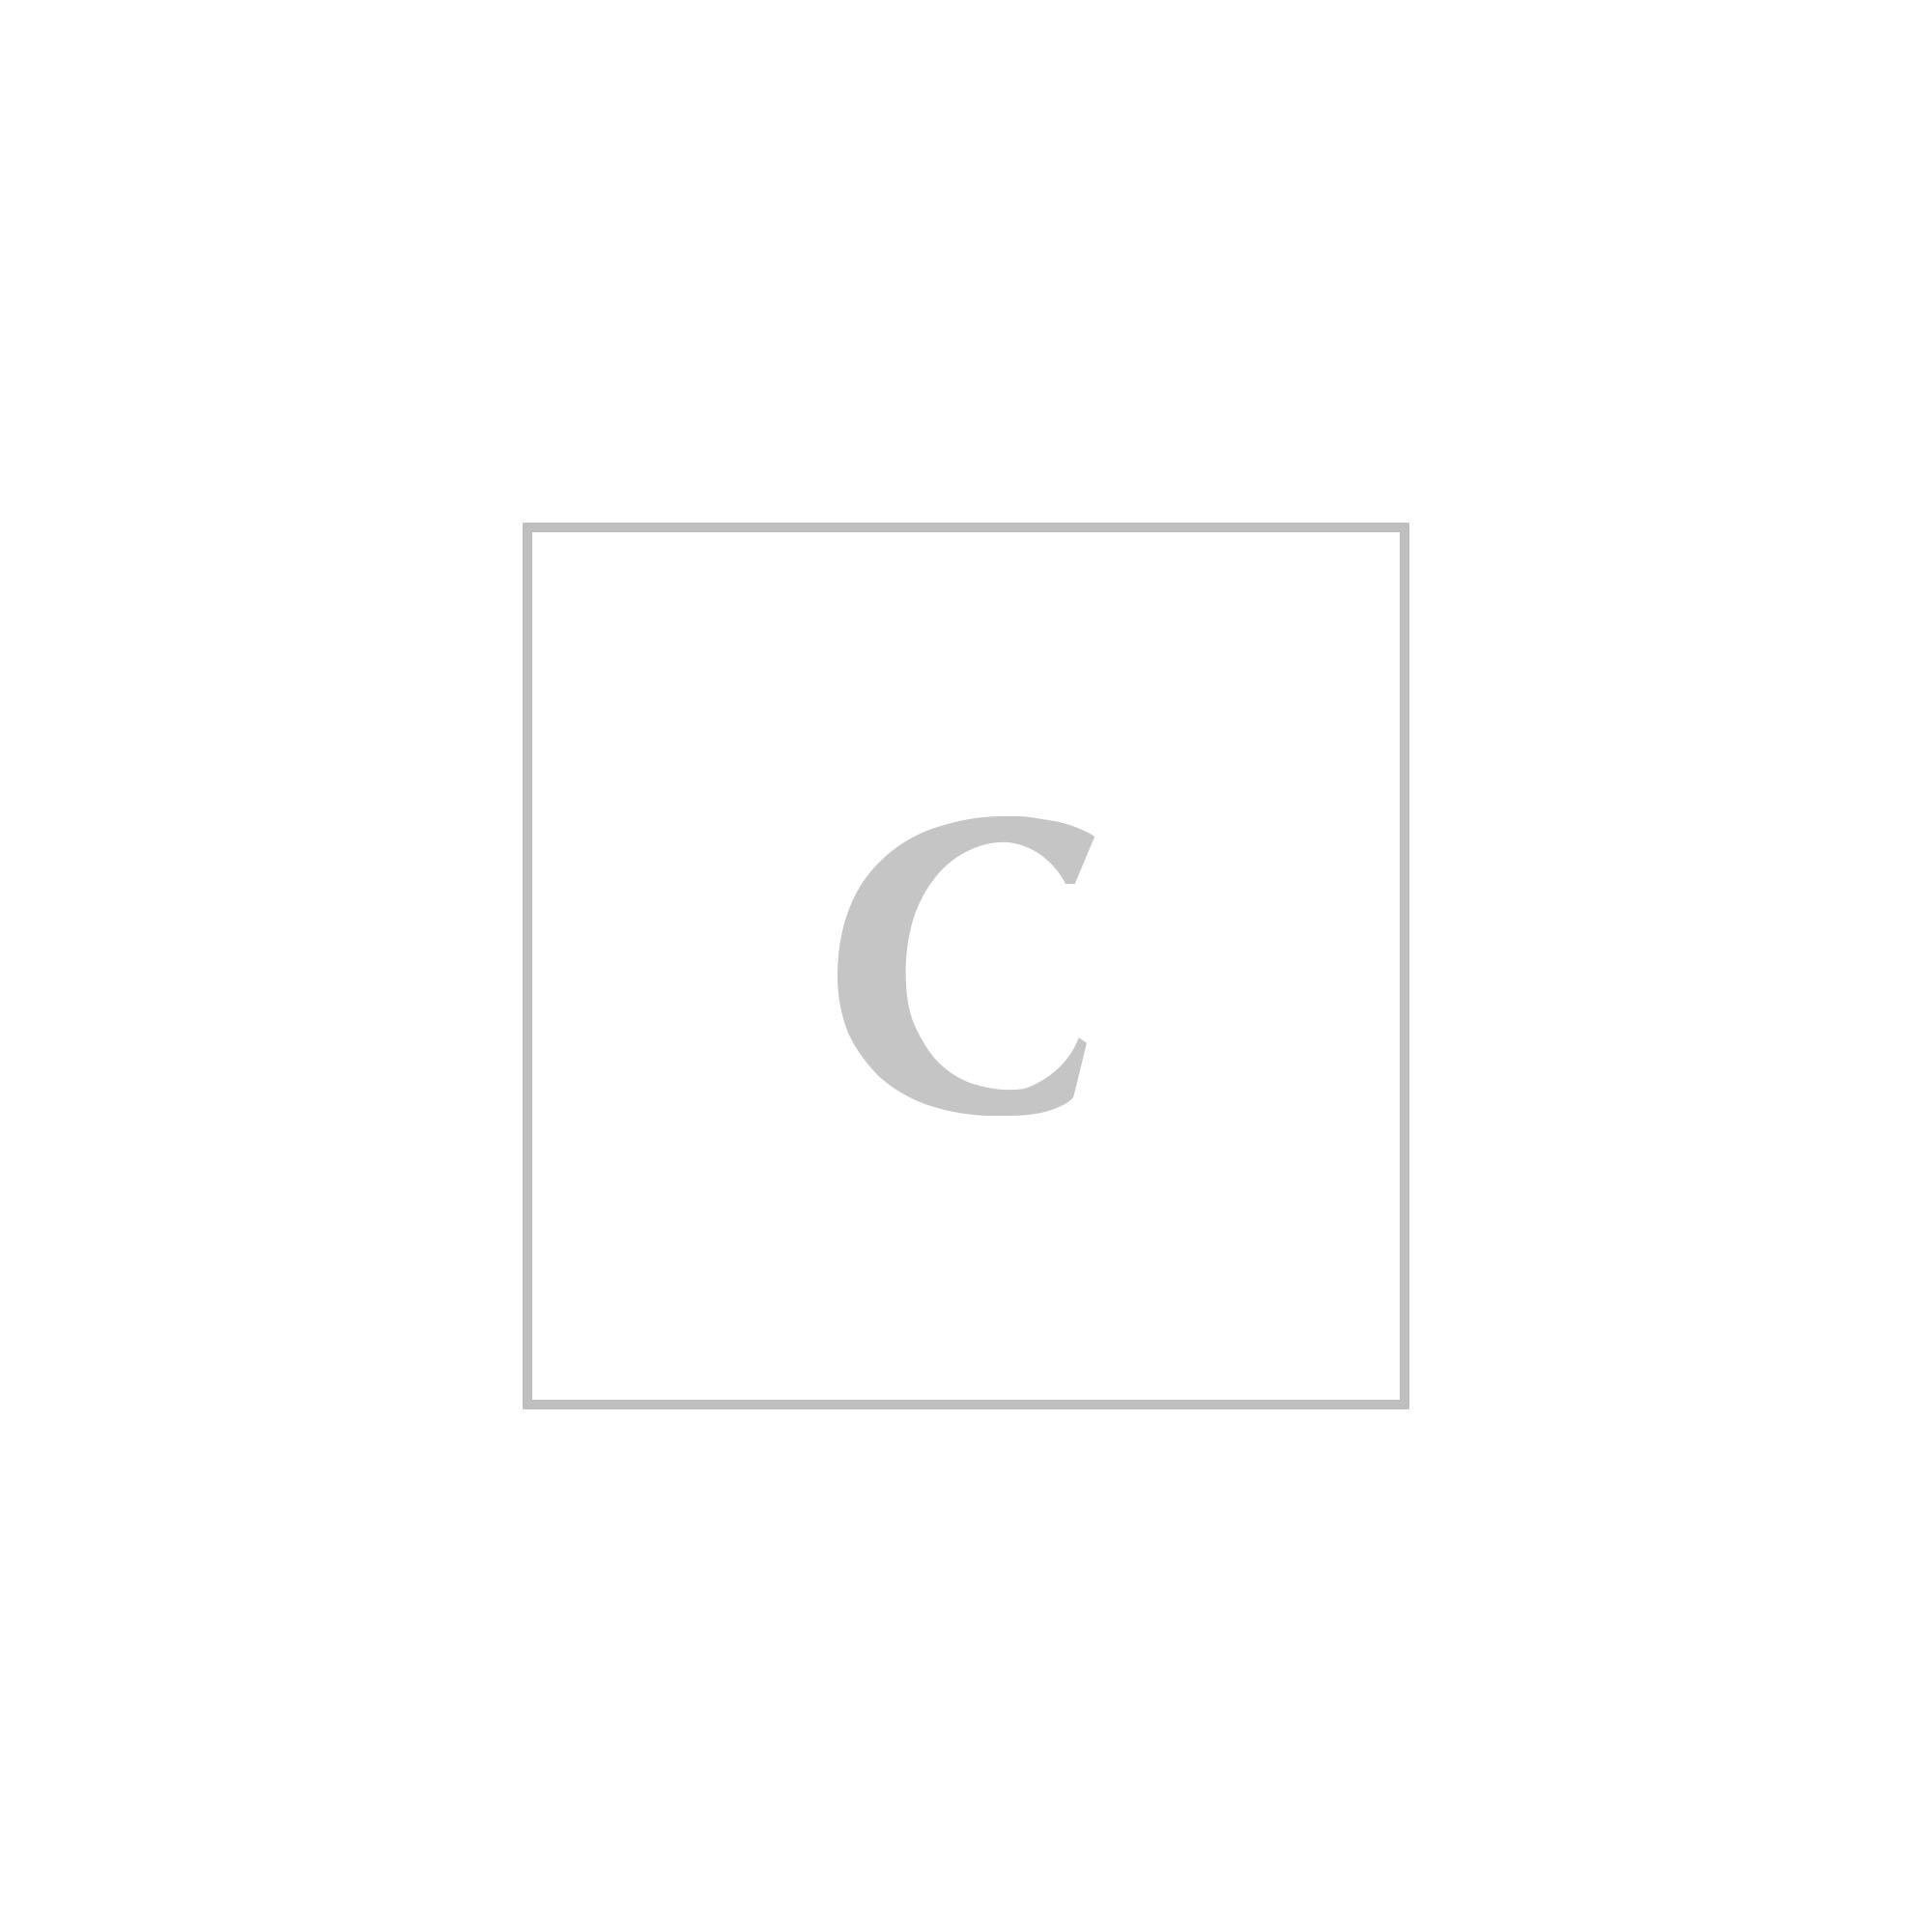 Cc collection corneliani wool coat